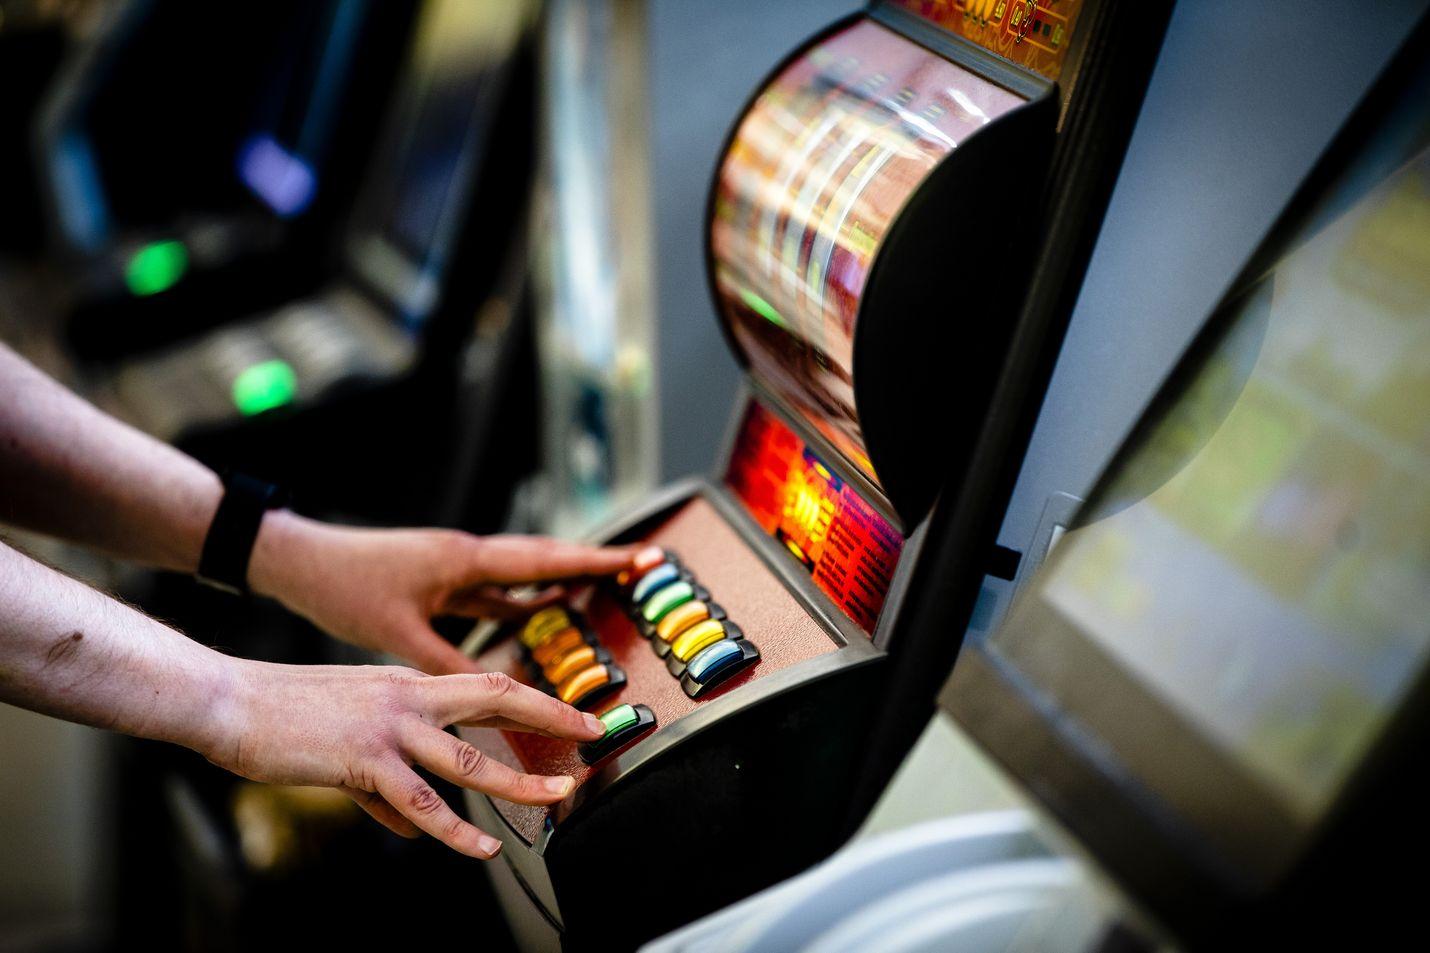 Terveyden- ja hyvinvoinnin laitoksen THL:n vuoden 2015 tutkimuksen mukaan 124 000 suomalaisella on rahapeliongelma. Arkistokuva.